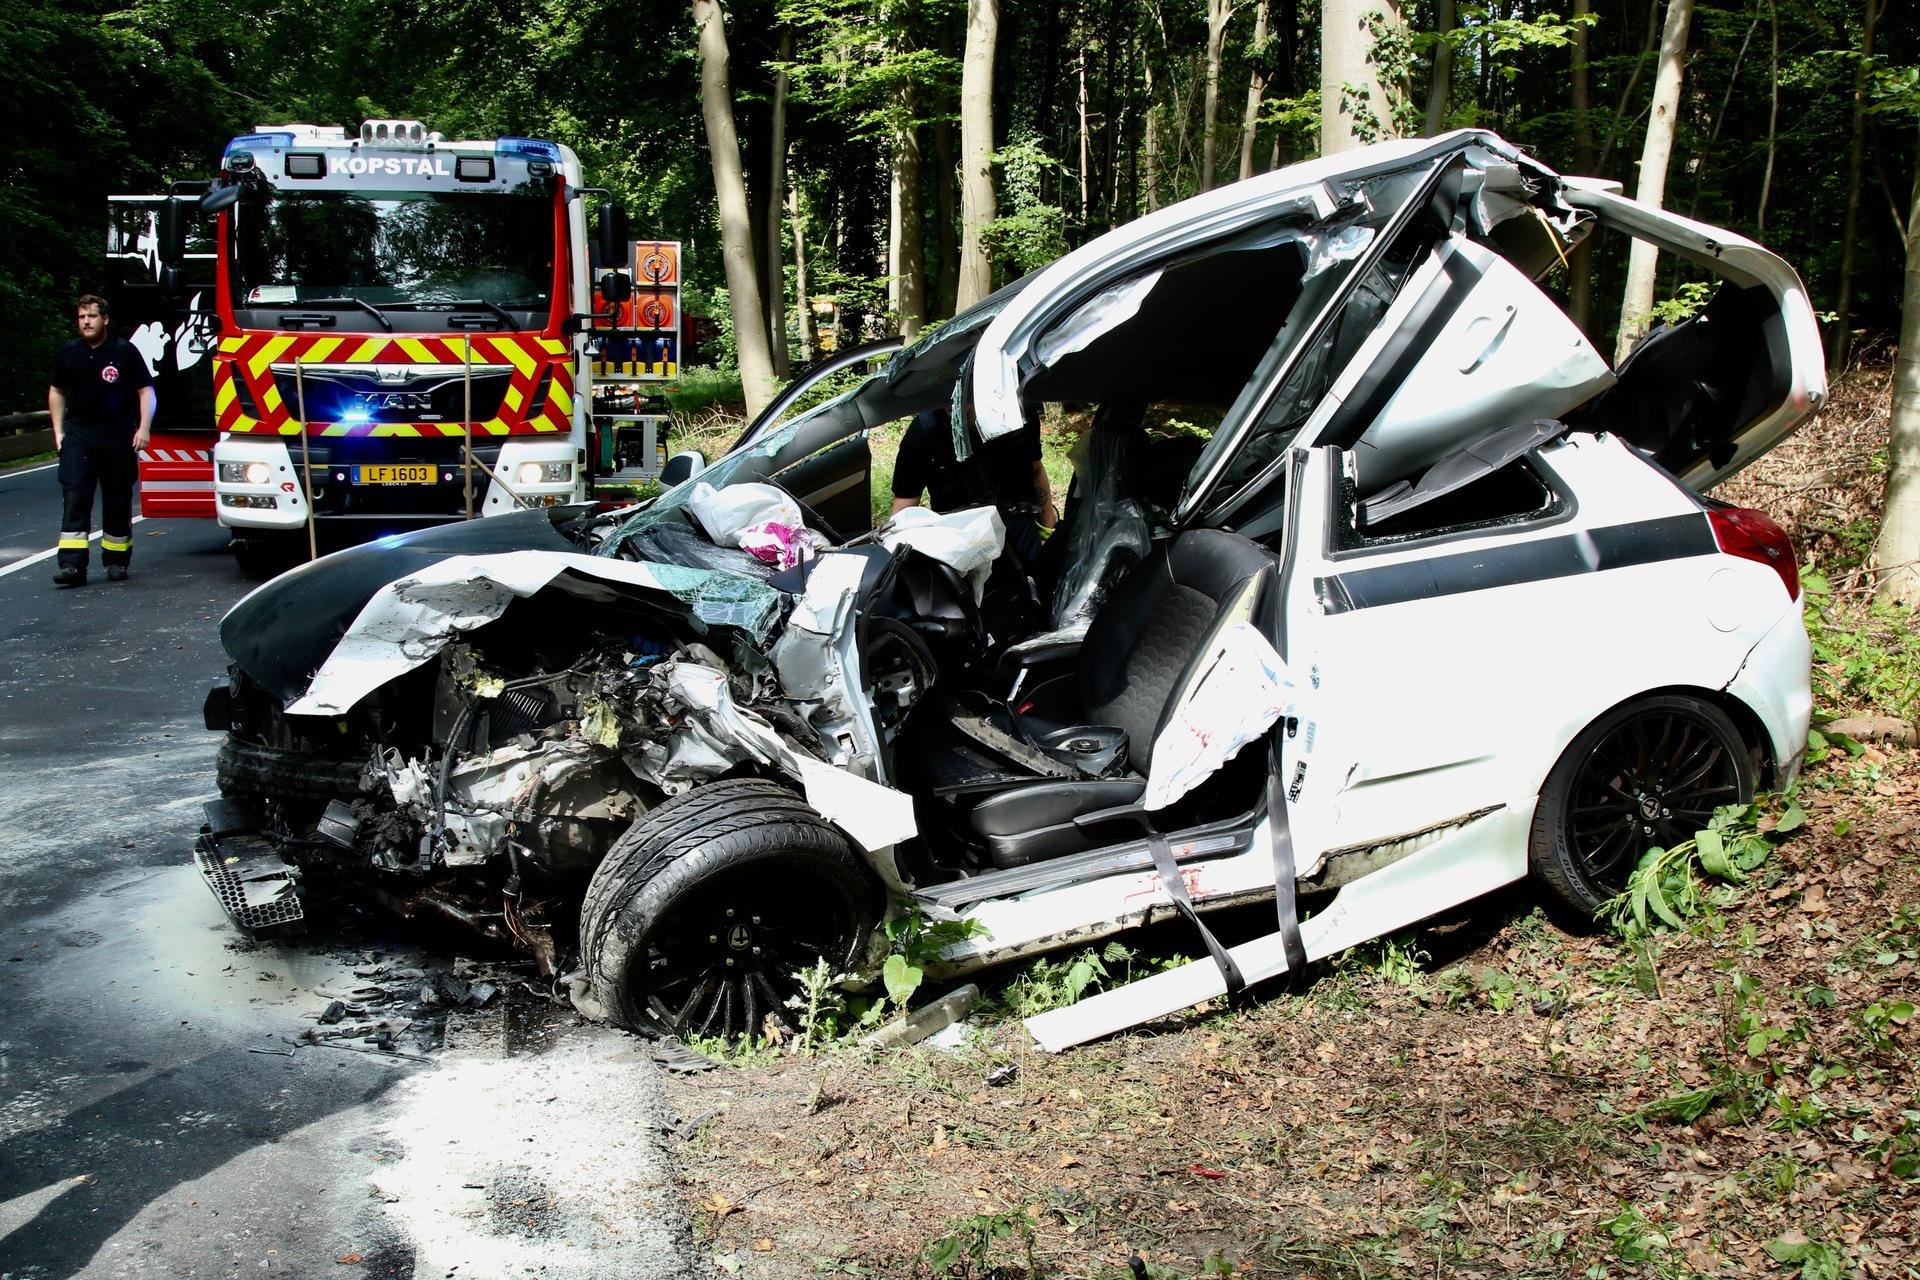 Sécurité routière :Le Luxembourg pourrait suivre l'exemple... du Danemark